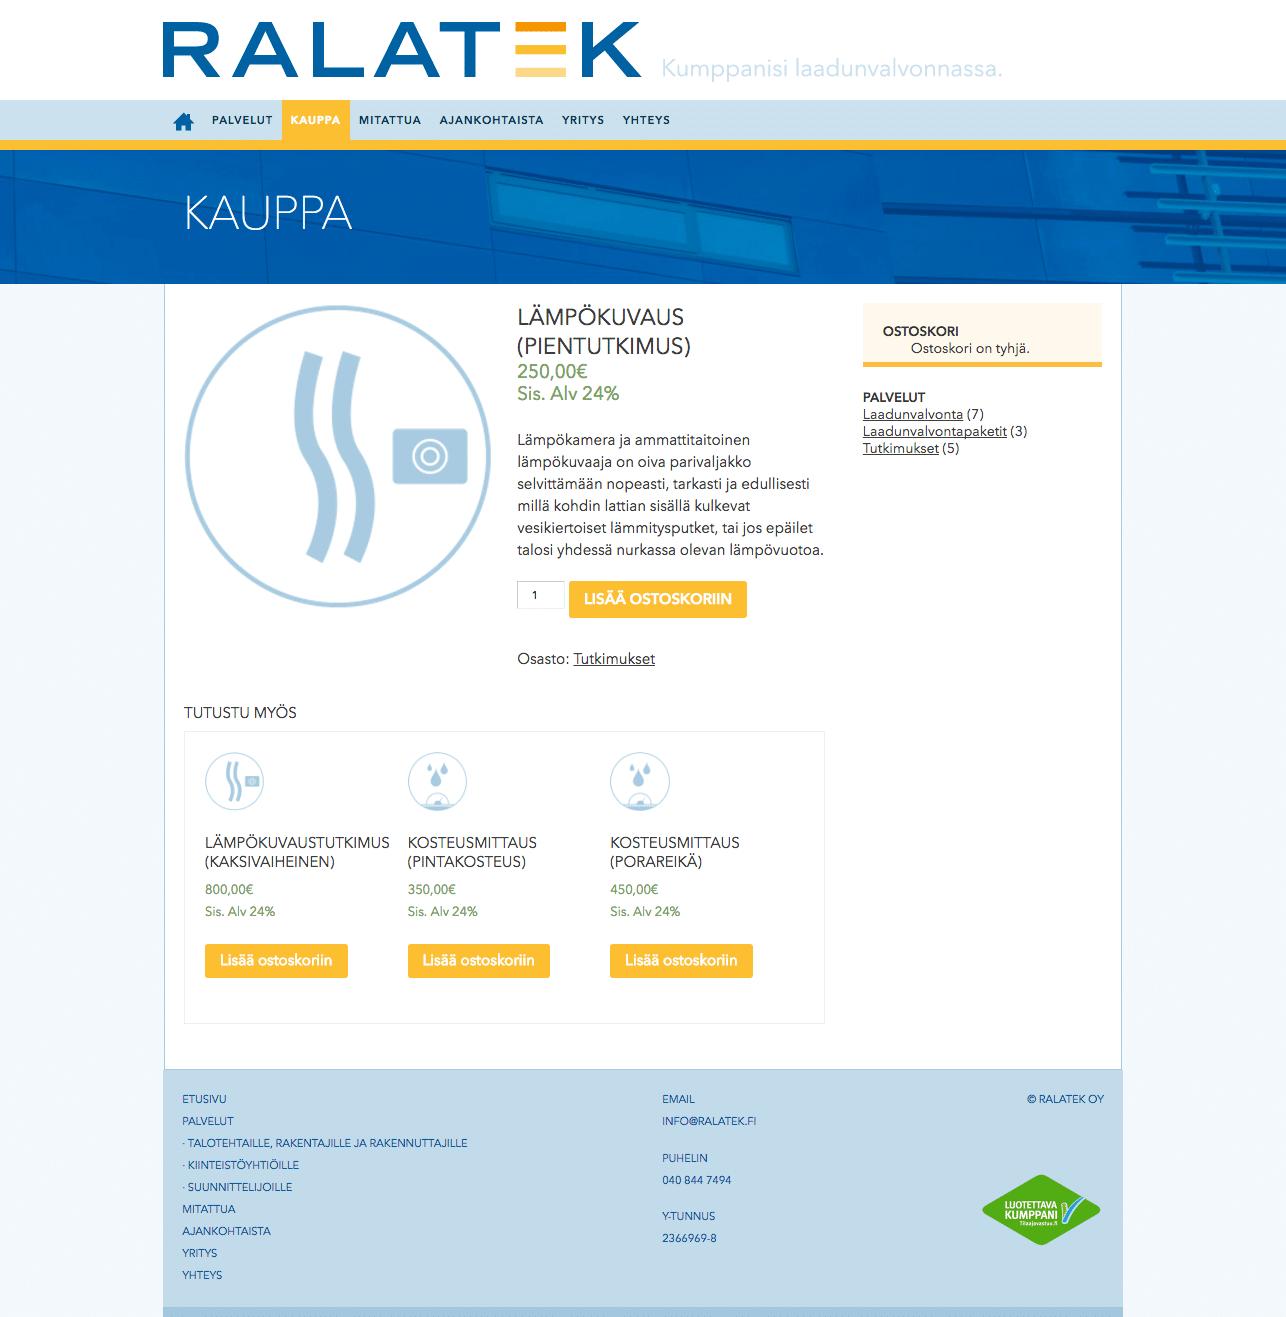 Ralatekille rakentamisen laadunvalvonnan verkkokauppa